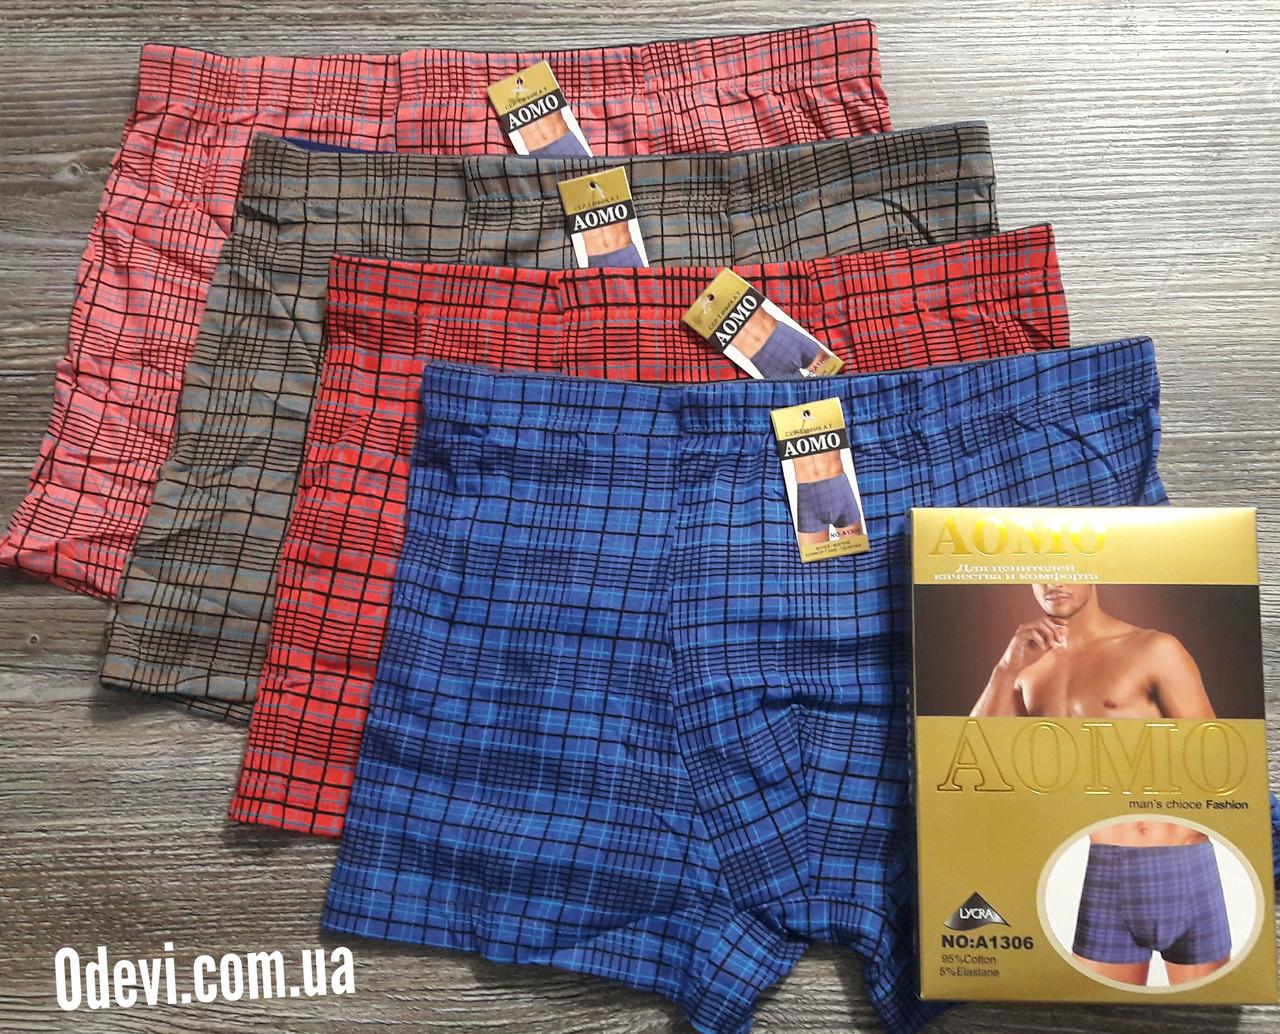 Мужские трусы AOMO хлопок Цена за упаковку